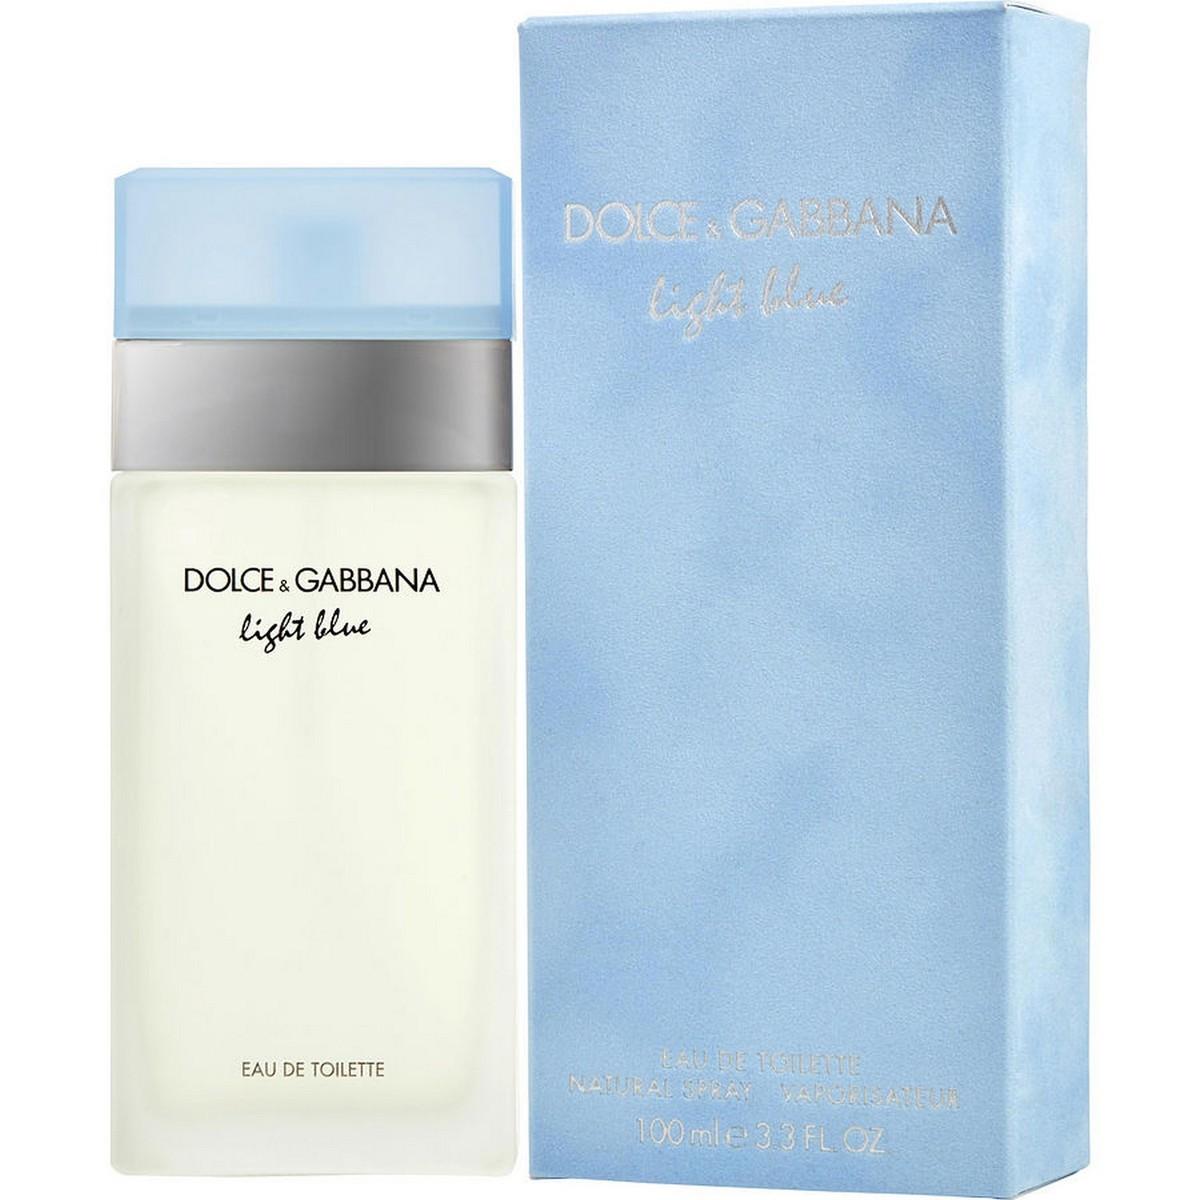 Dolce & Gabbana Light Blue EDT For Women 100ml